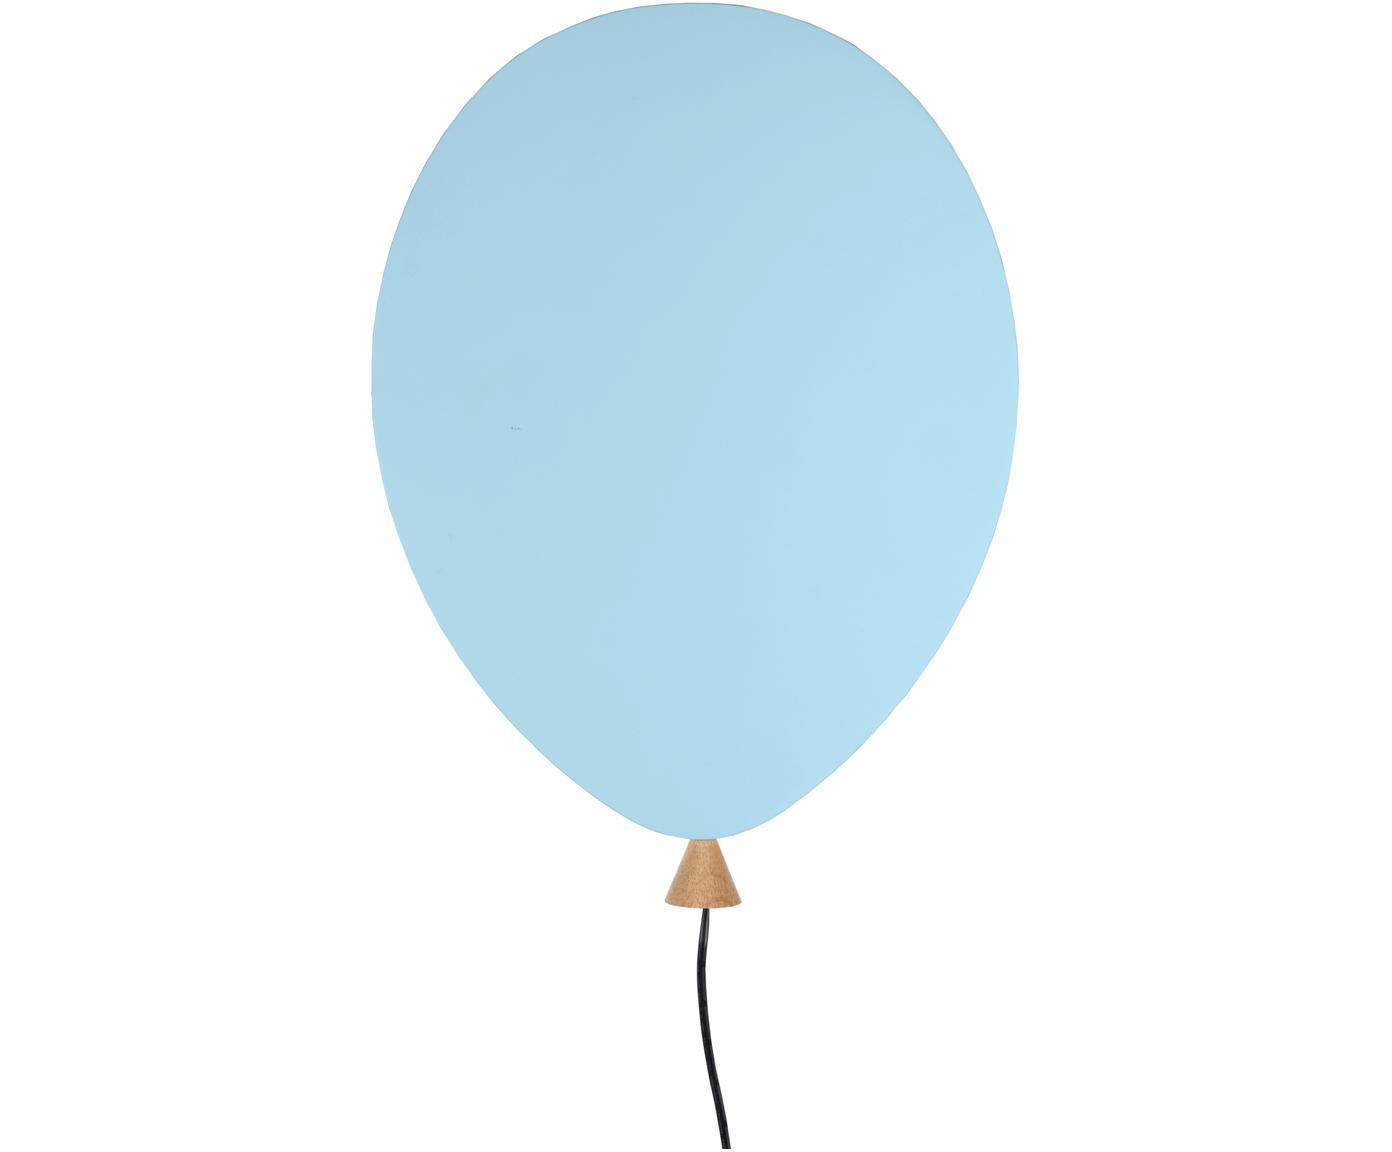 Kinkiet z wtyczką Balloon, Niebieski, S 25 x W 35 cm